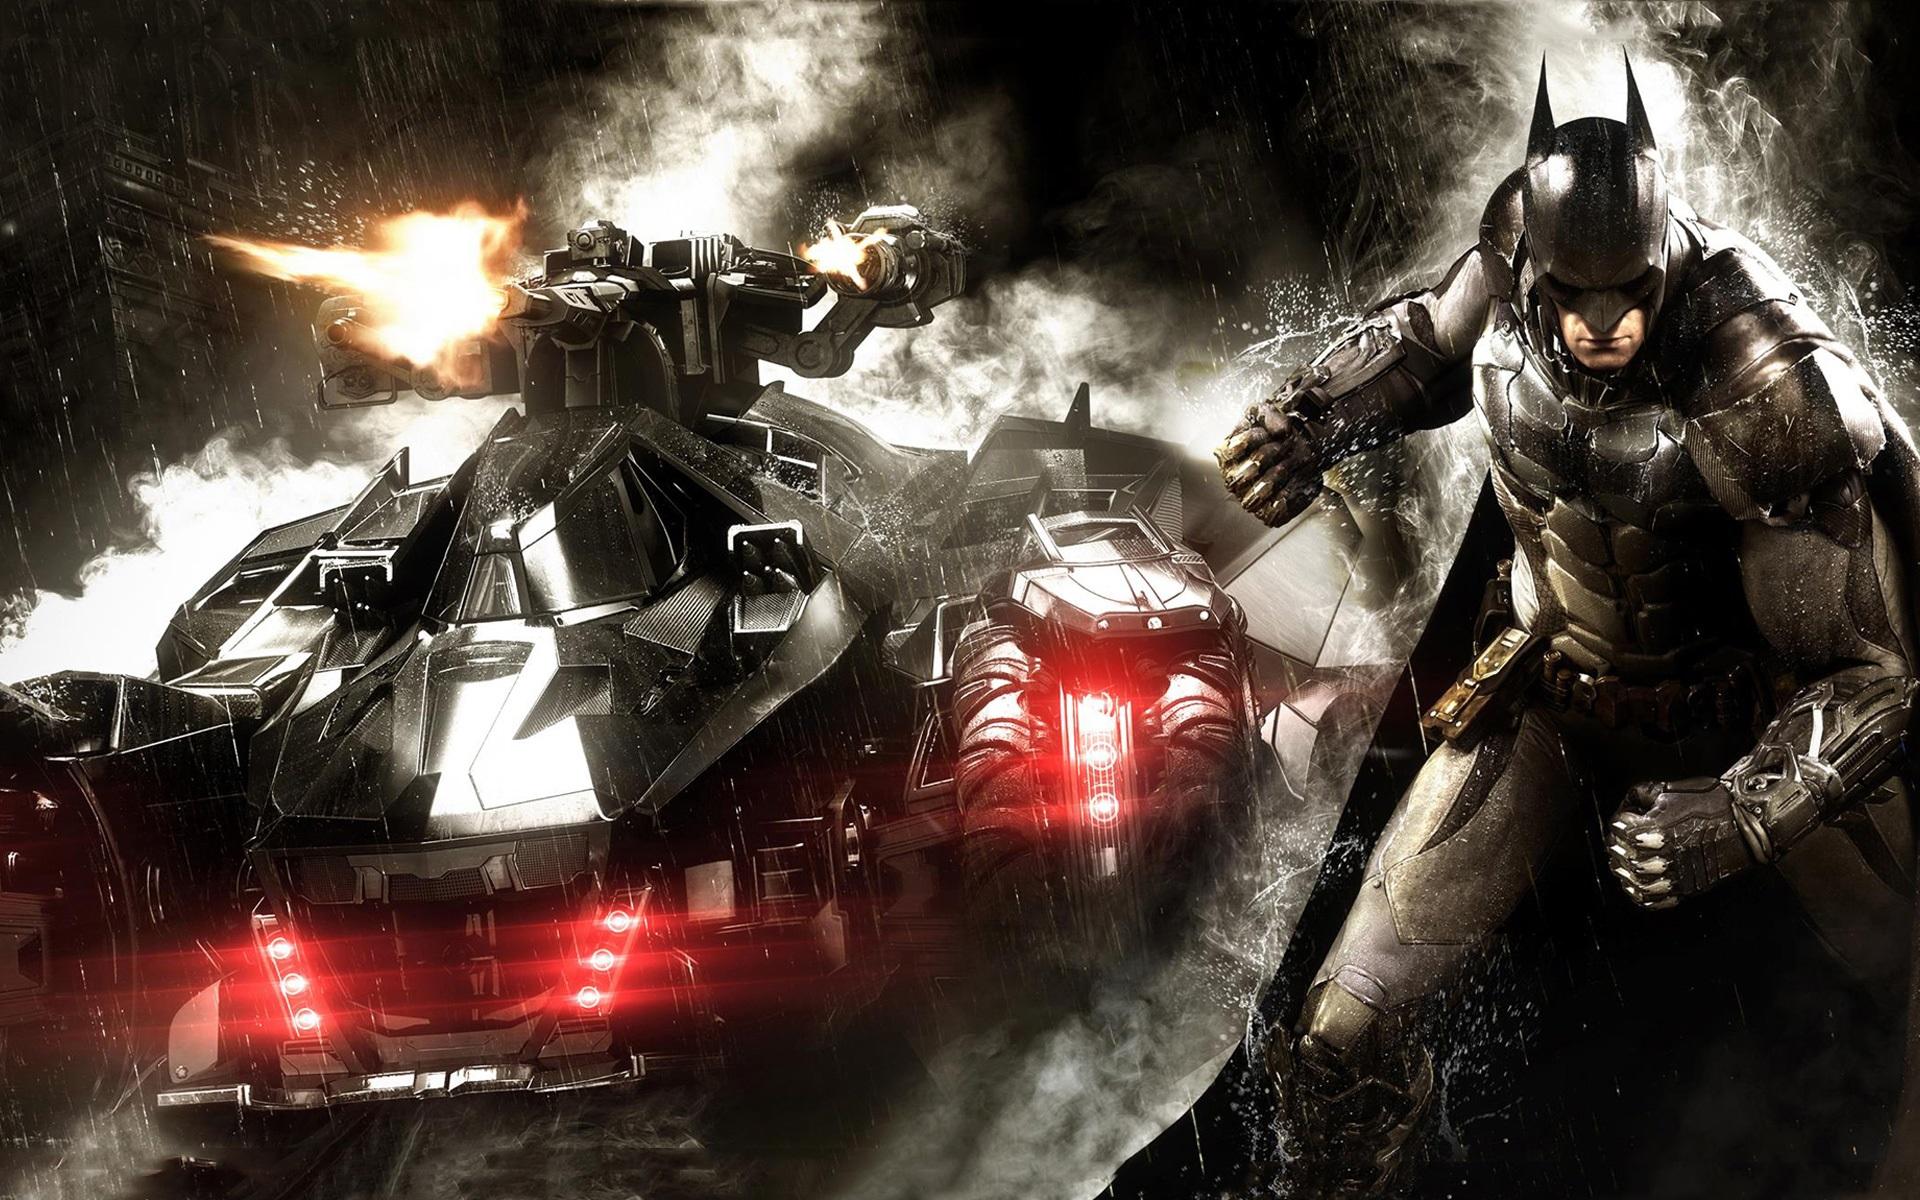 Wallpaper Batman Arkham Knight Chariot 1920x1200 Hd